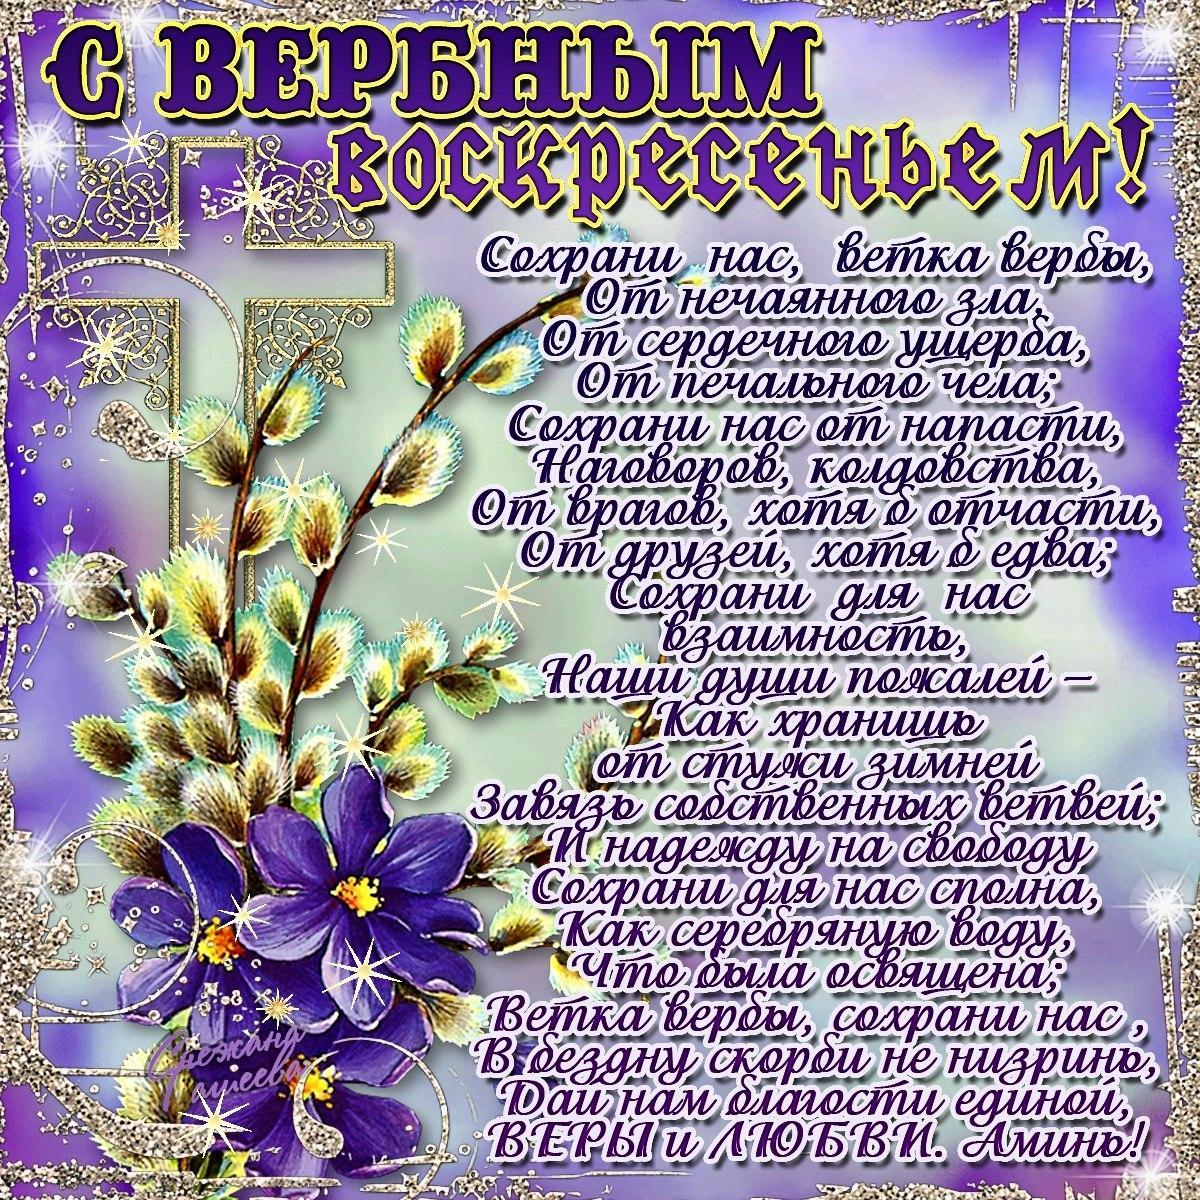 Фото Вербное воскресенье 25 апреля: красивые открытки и душевные поздравления 3